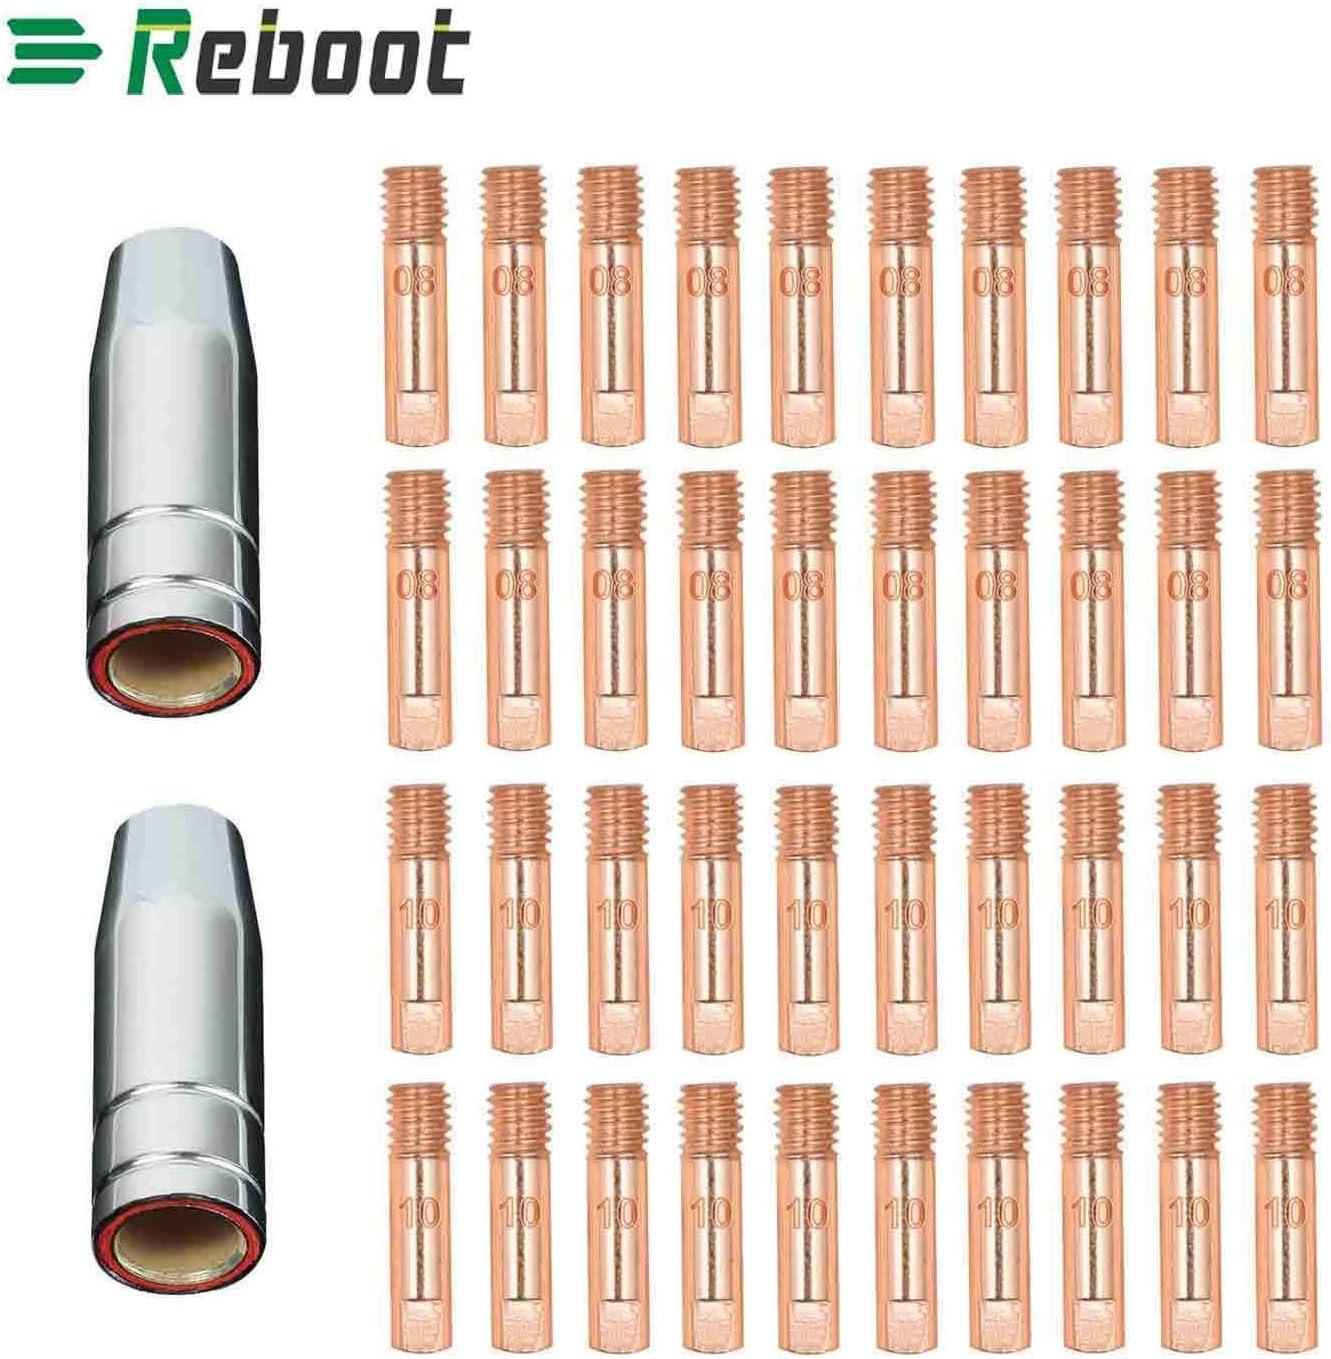 MIG Linterna de soldadura de CO2 MB15 15AK punta de contacto 0.30 Tweco estilo modelo 11-30 20 piezas